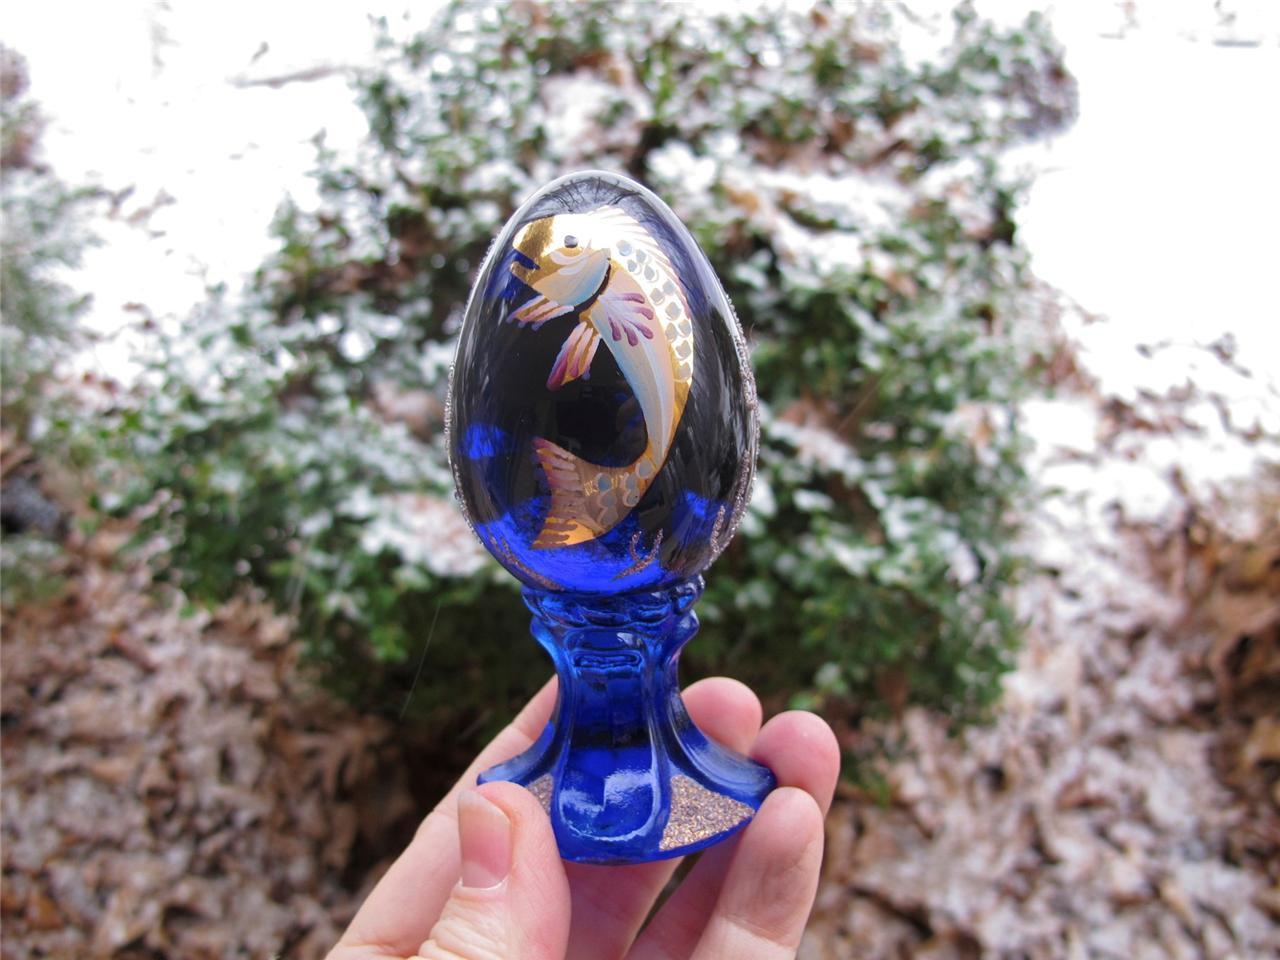 Fenton koi fish cobalt blue handpainted glass egg for Koi carp eggs